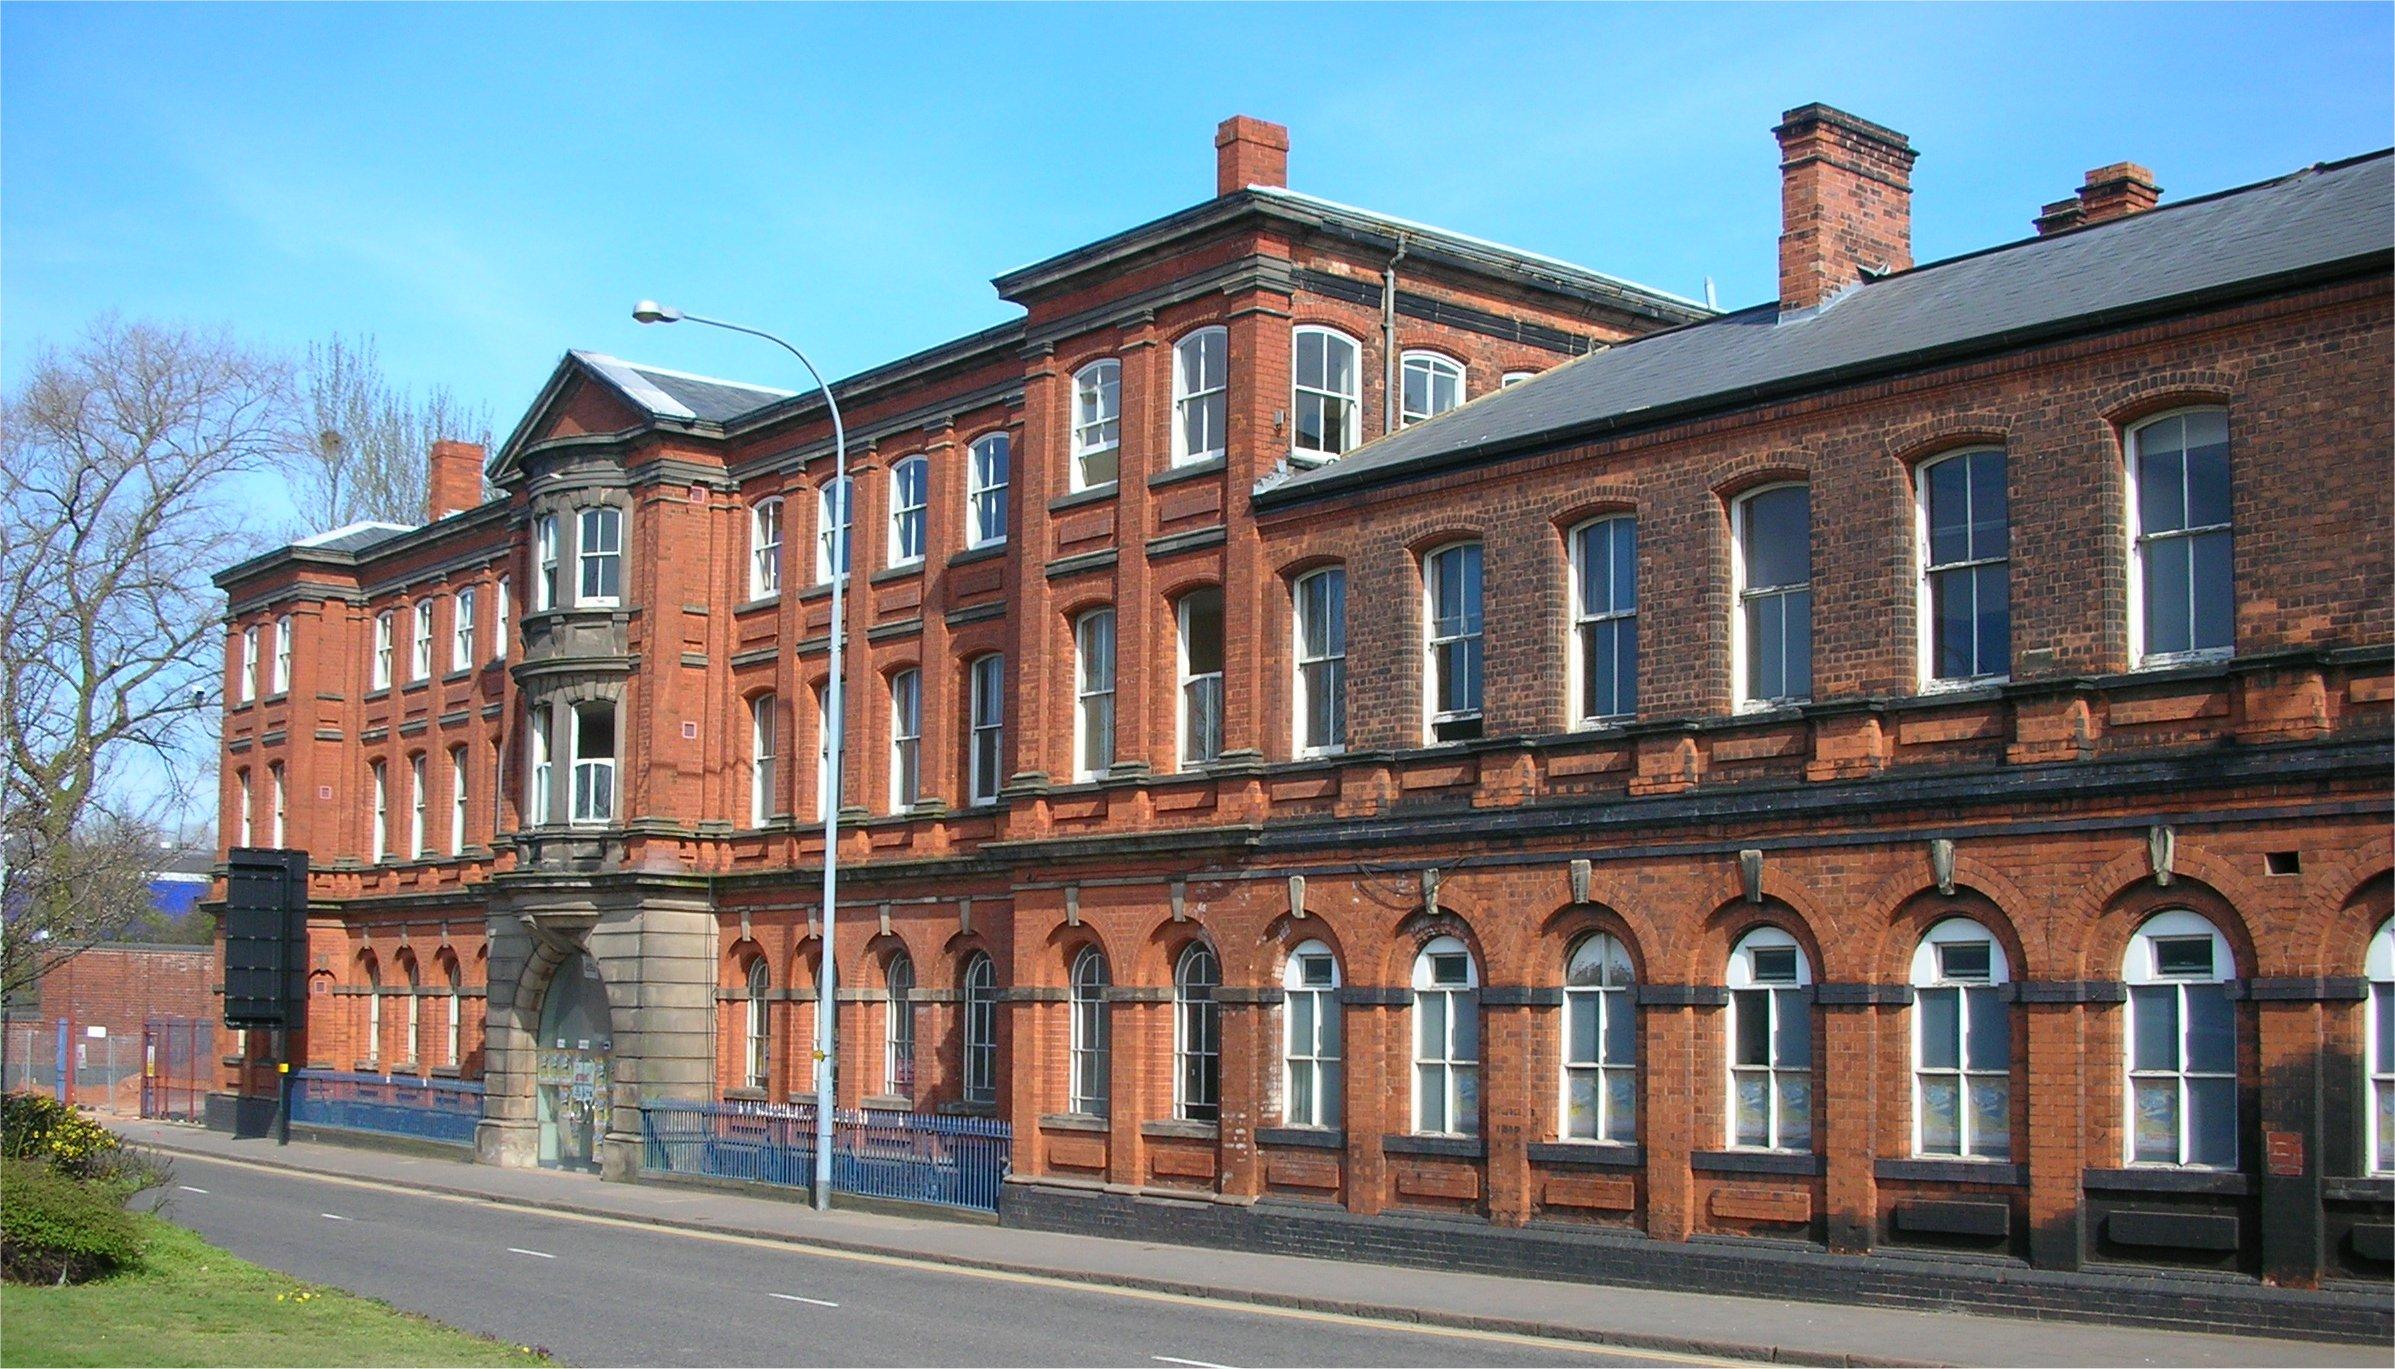 Birmingham Mint - Wikipedia